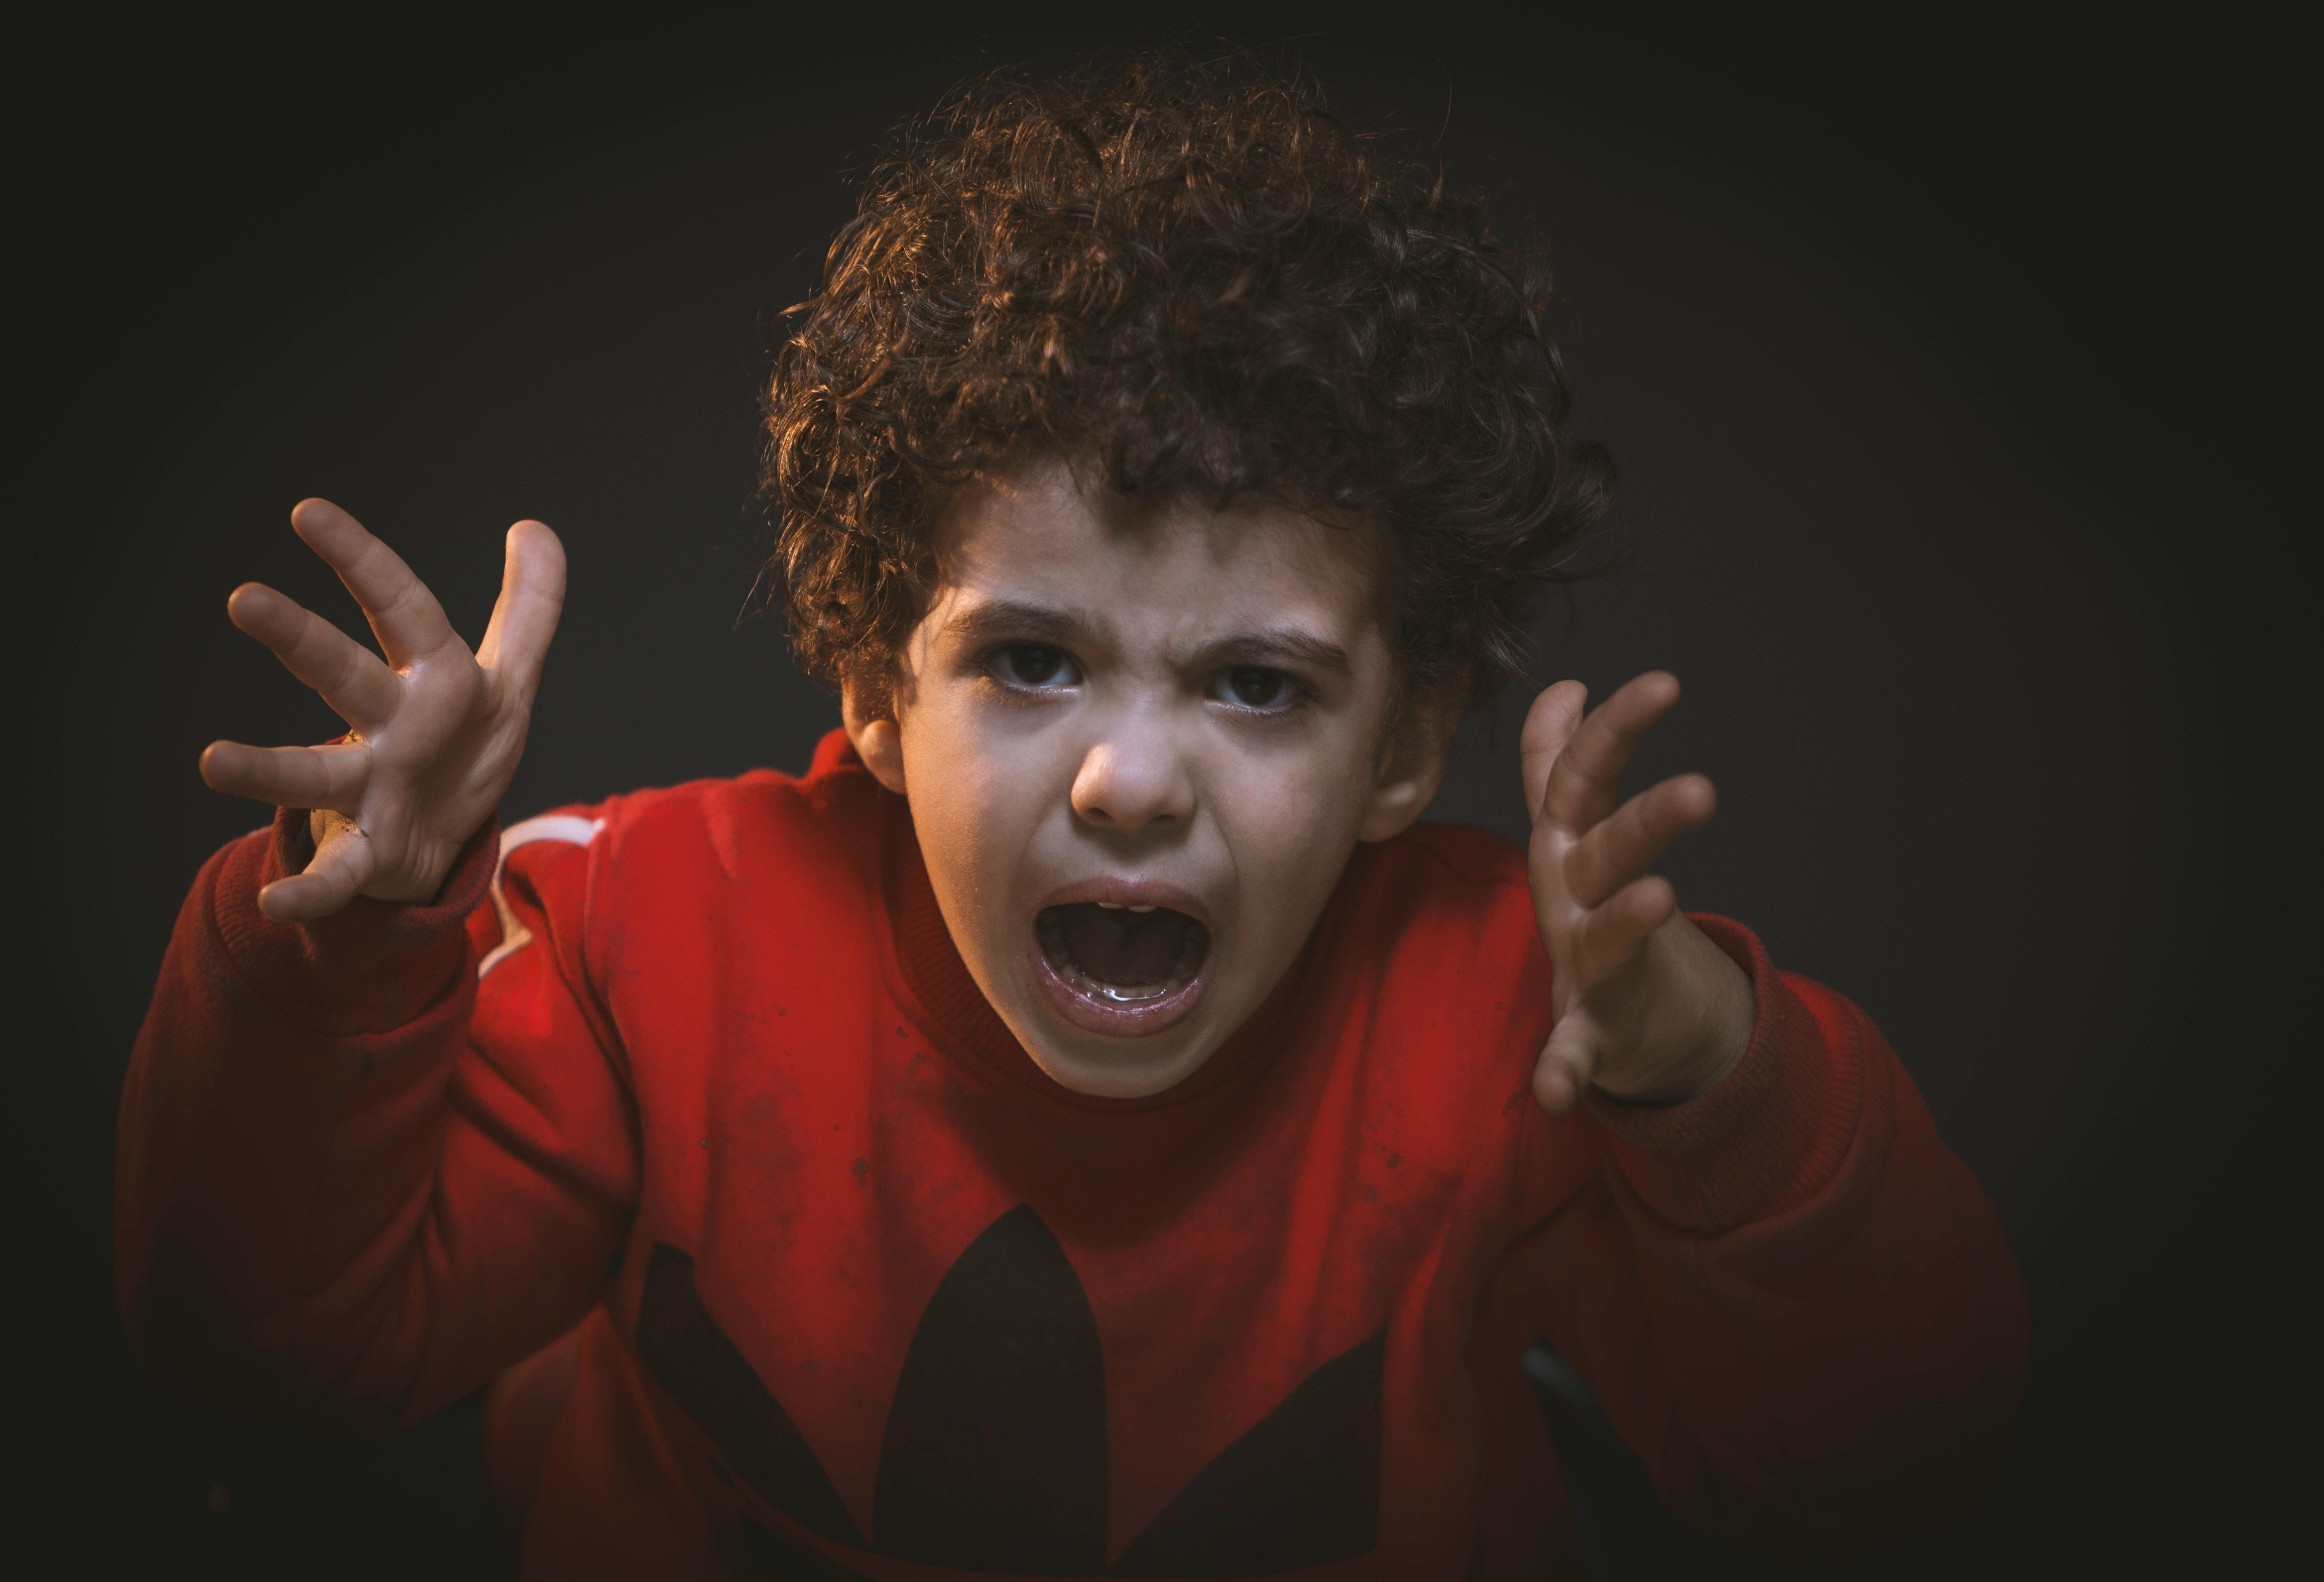 Bildergebnis für wütendes kind